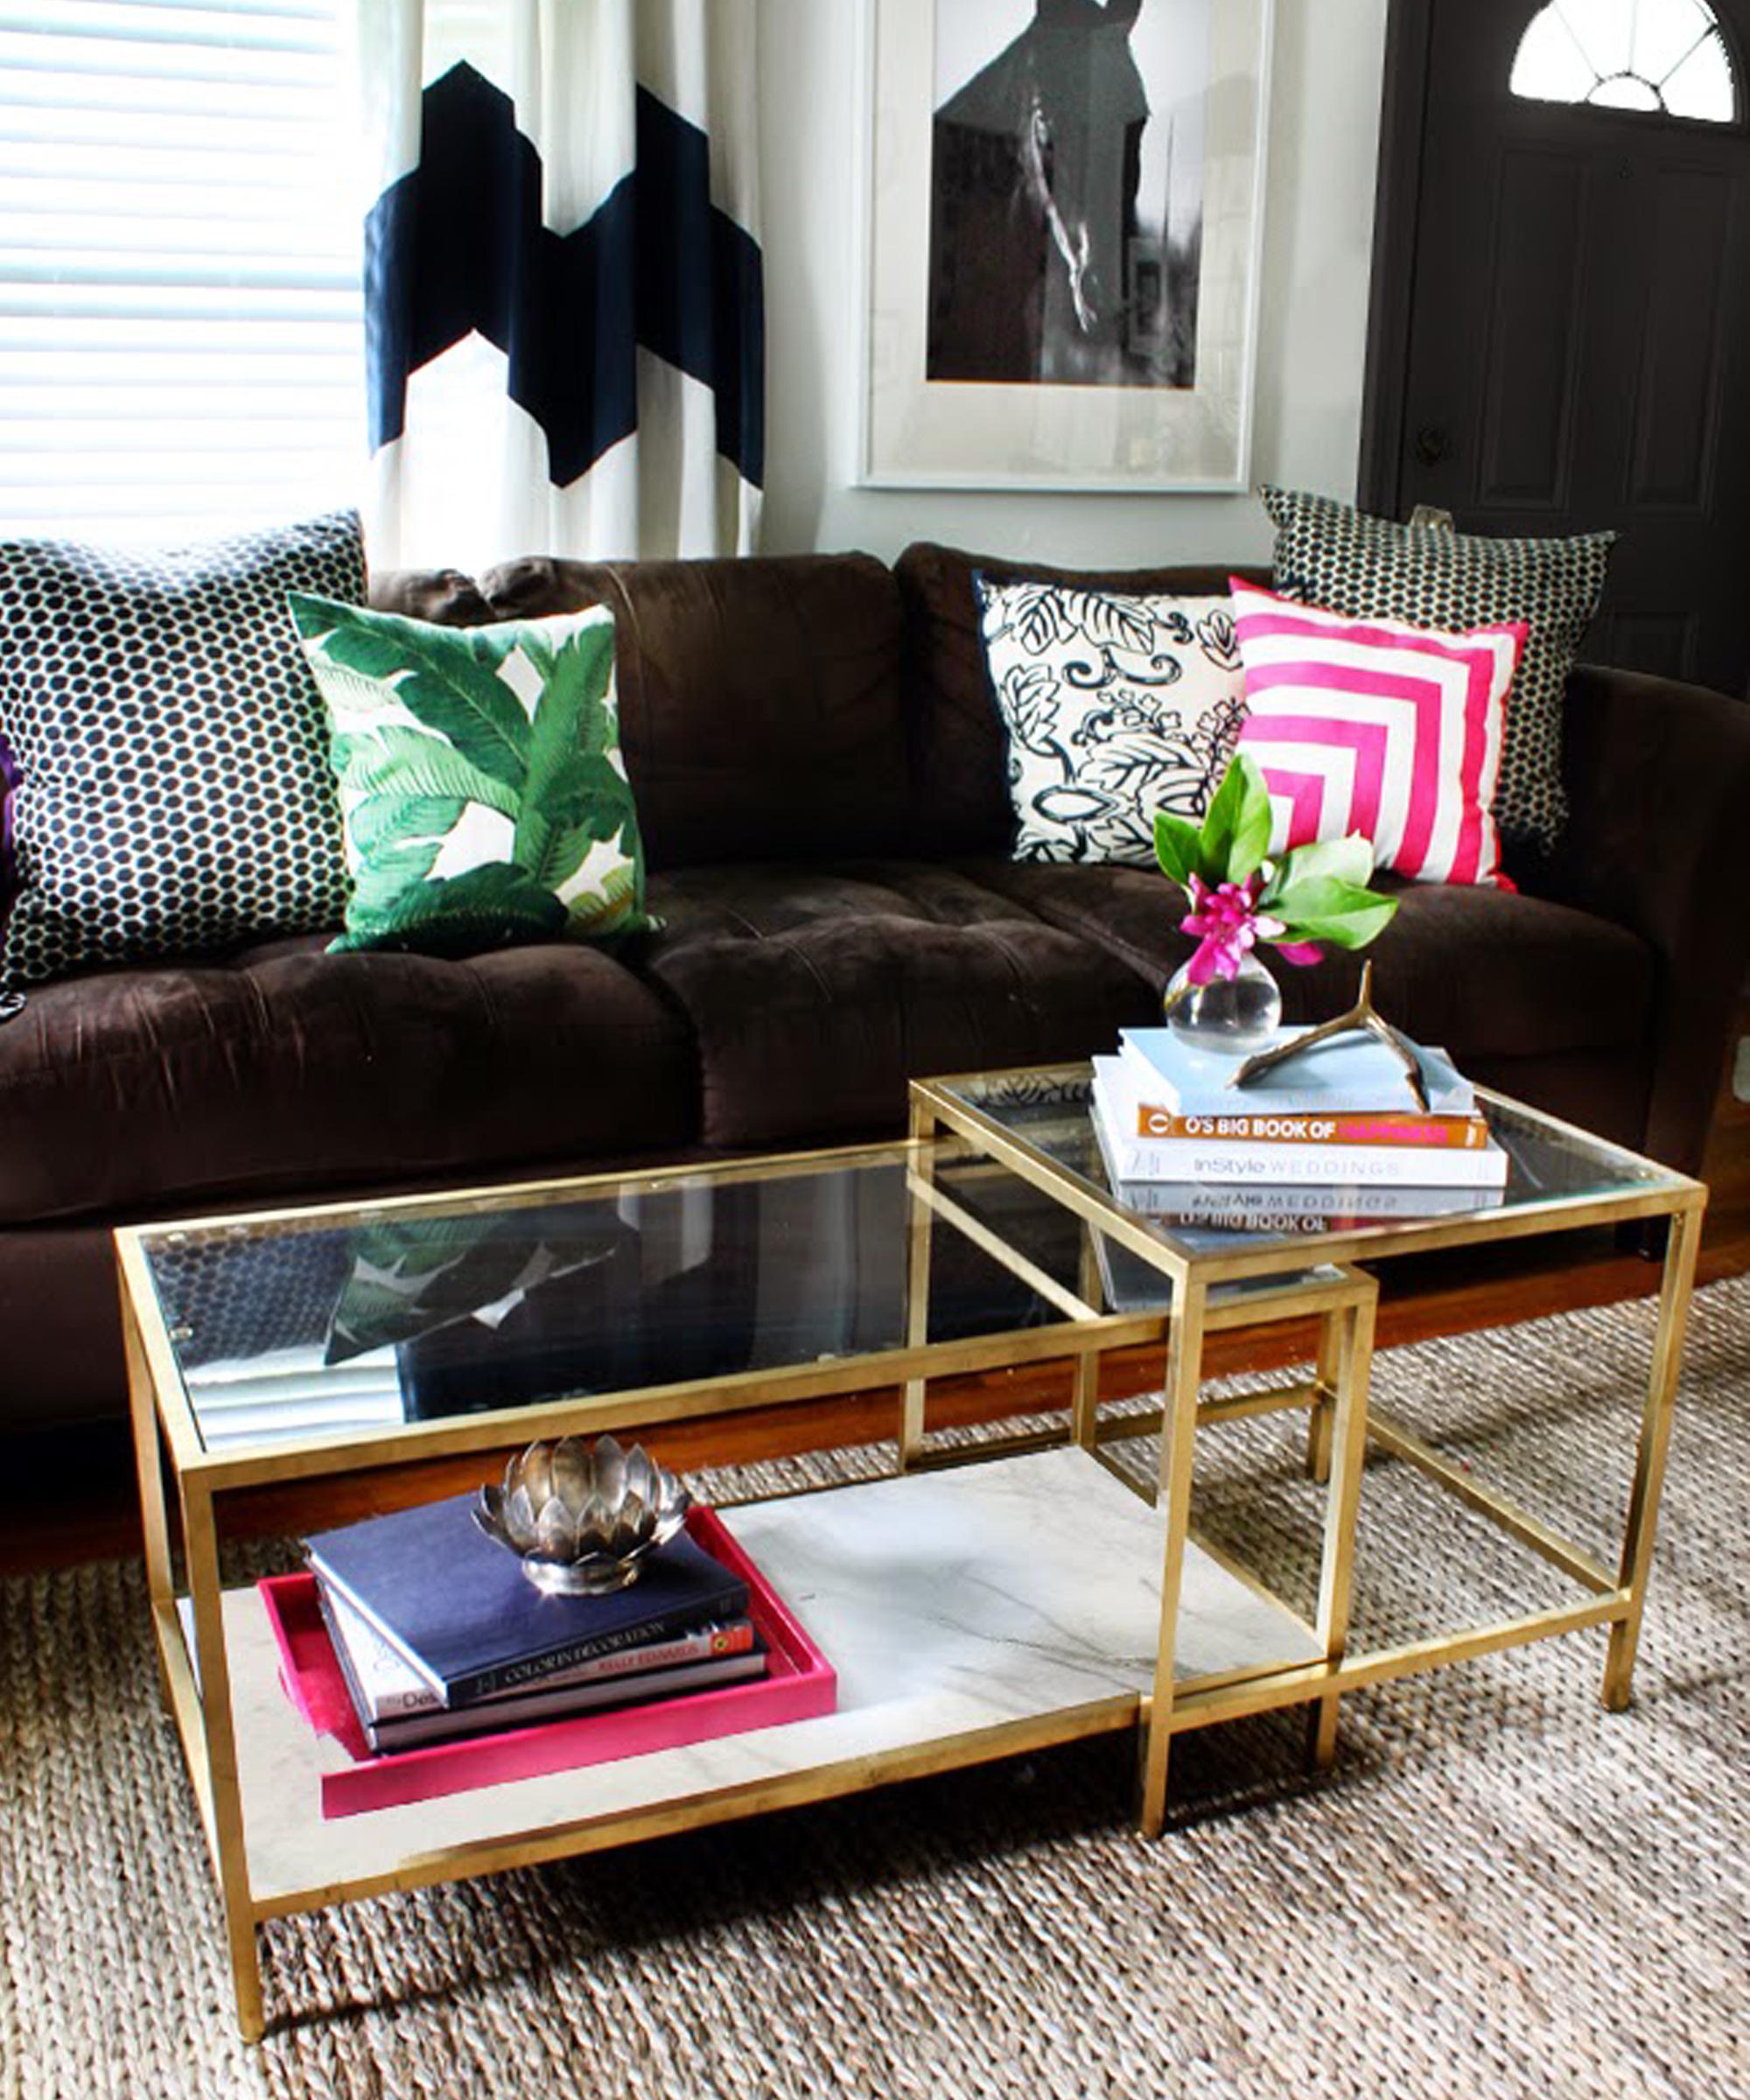 Ikea vittsjo nesting table gold spray paint hyman interiors ikea vittsjo nesting table gold spray paint watchthetrailerfo